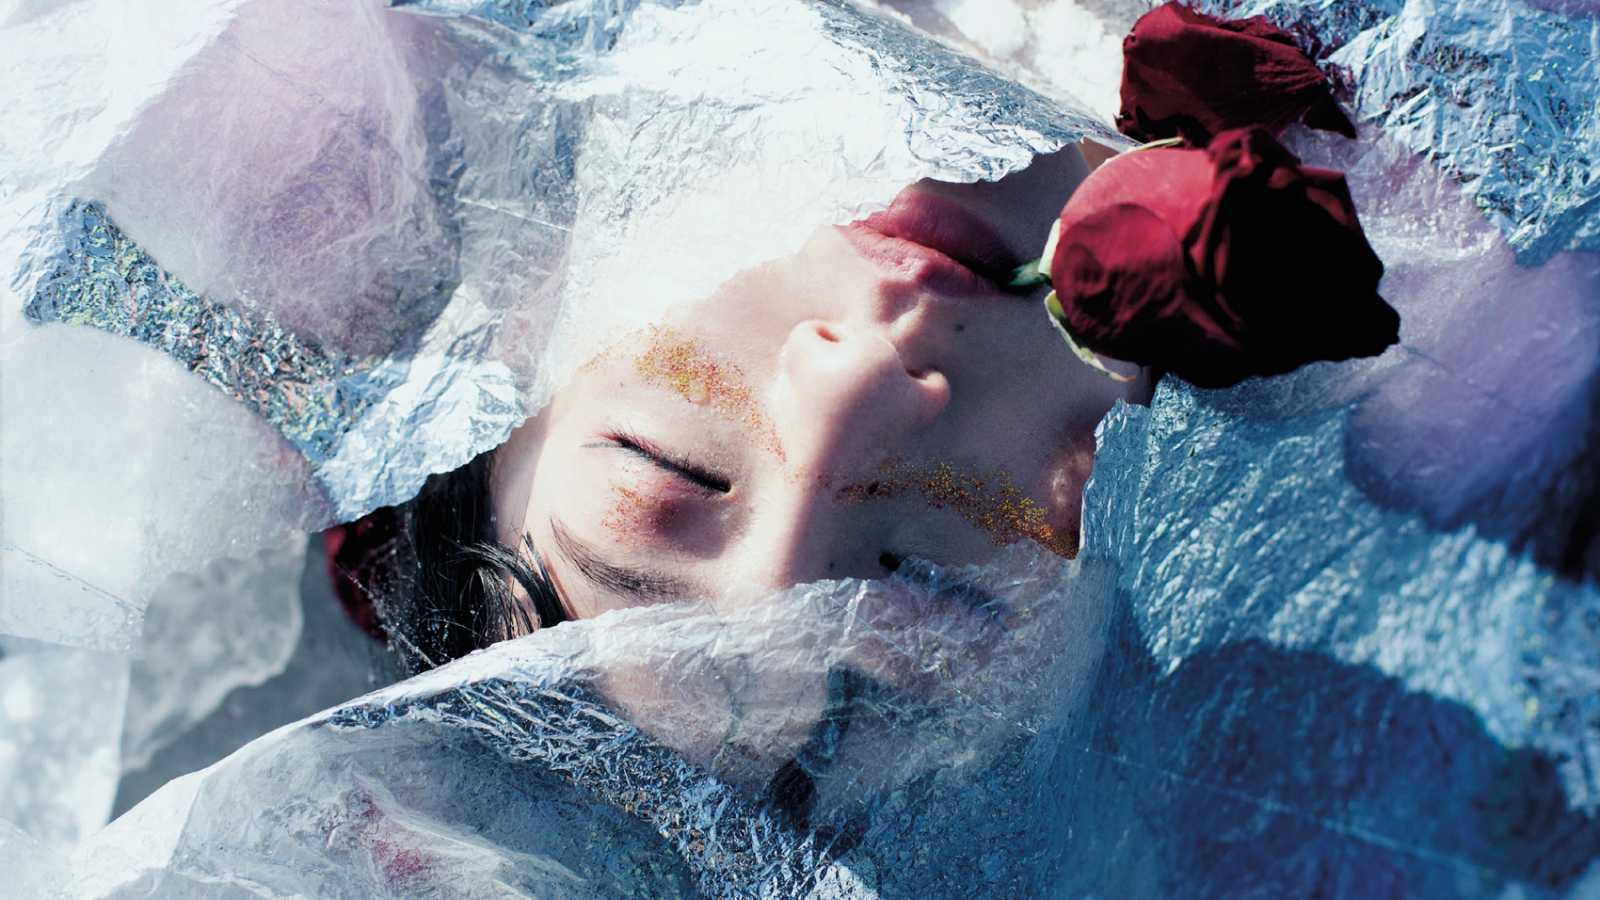 HARU NEMURI - LOVETHEISM © Yusuke Yamatani all rights reserved